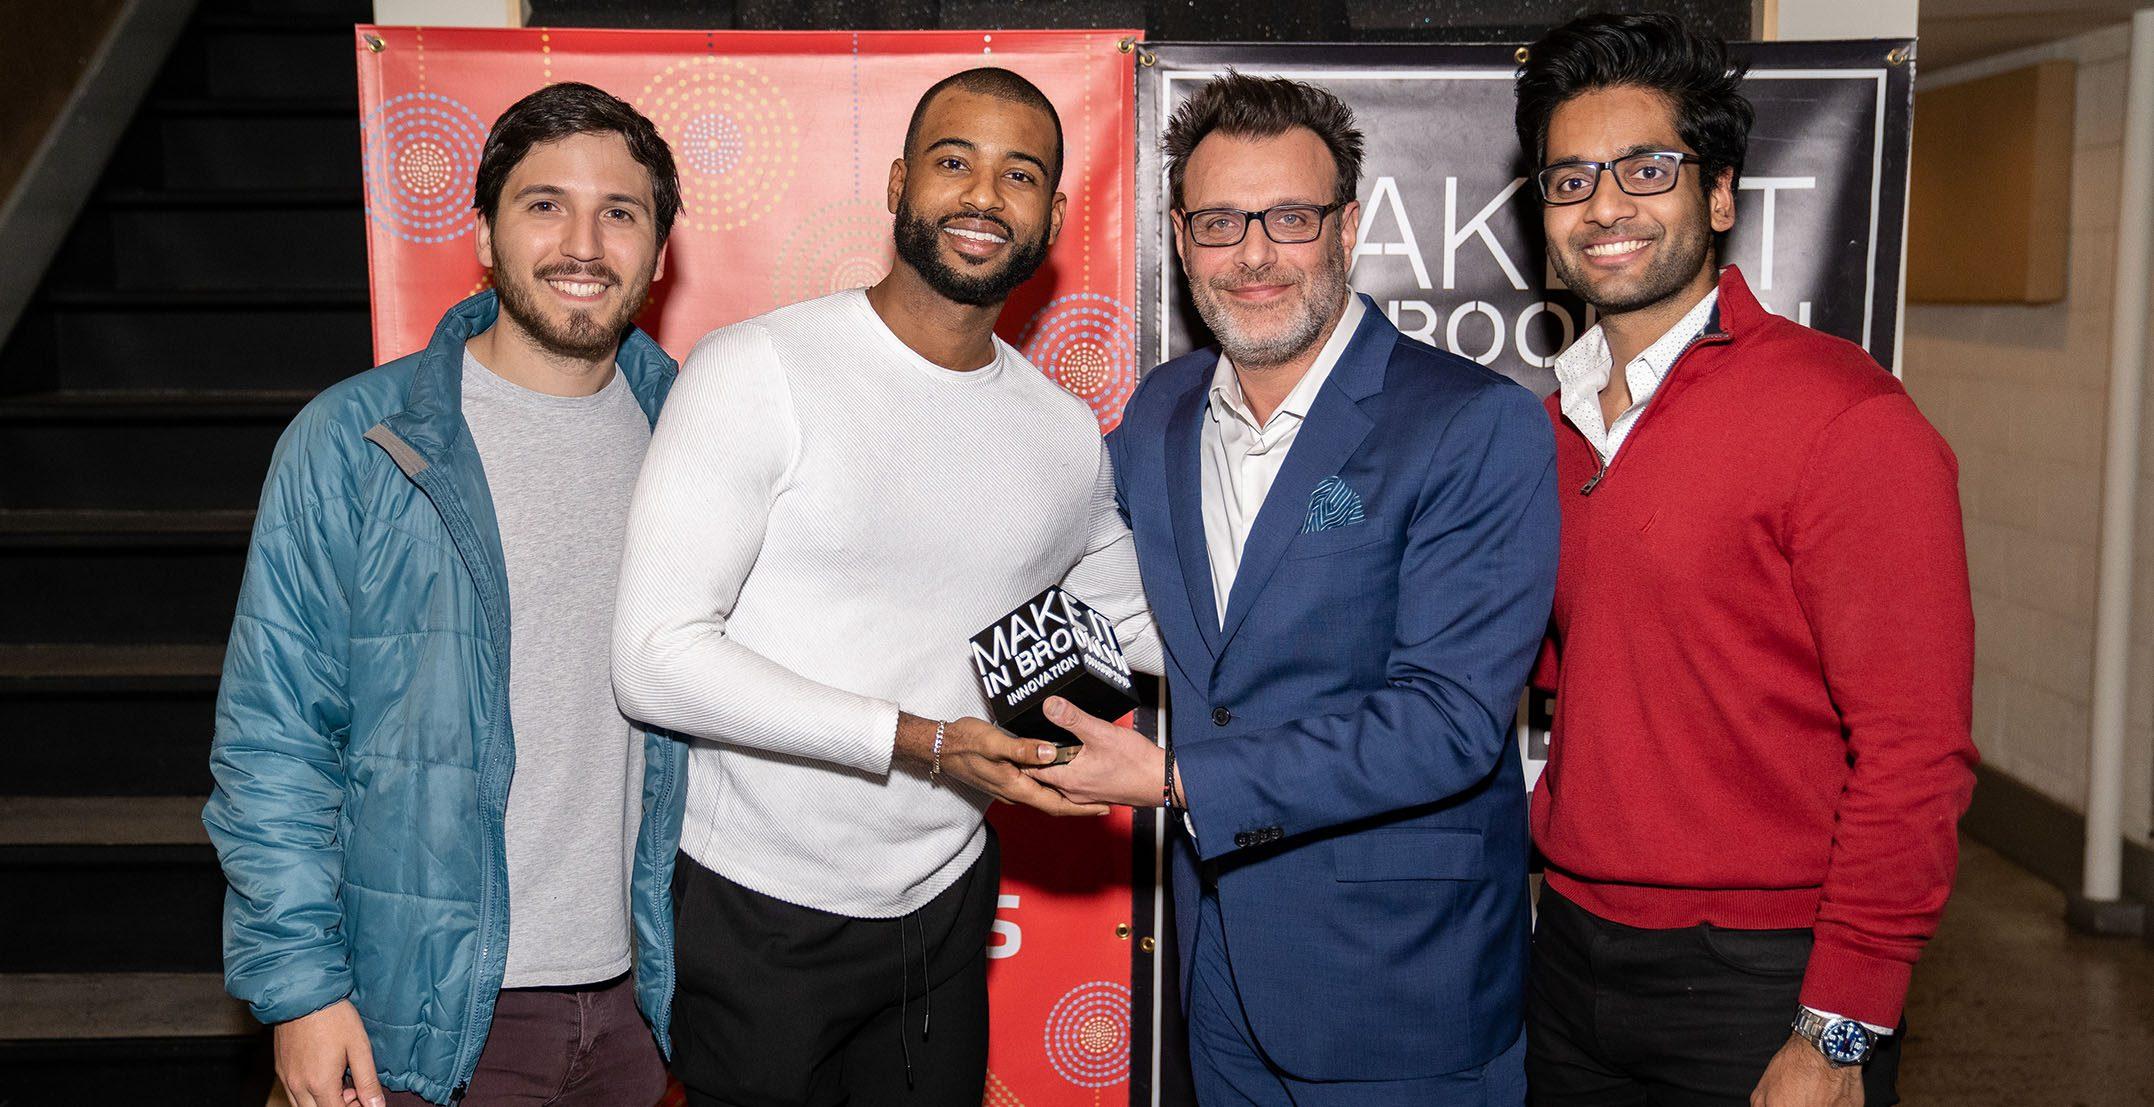 DBP-Innovation-Awards-Dec-2019-87c.jpg#asset:93161